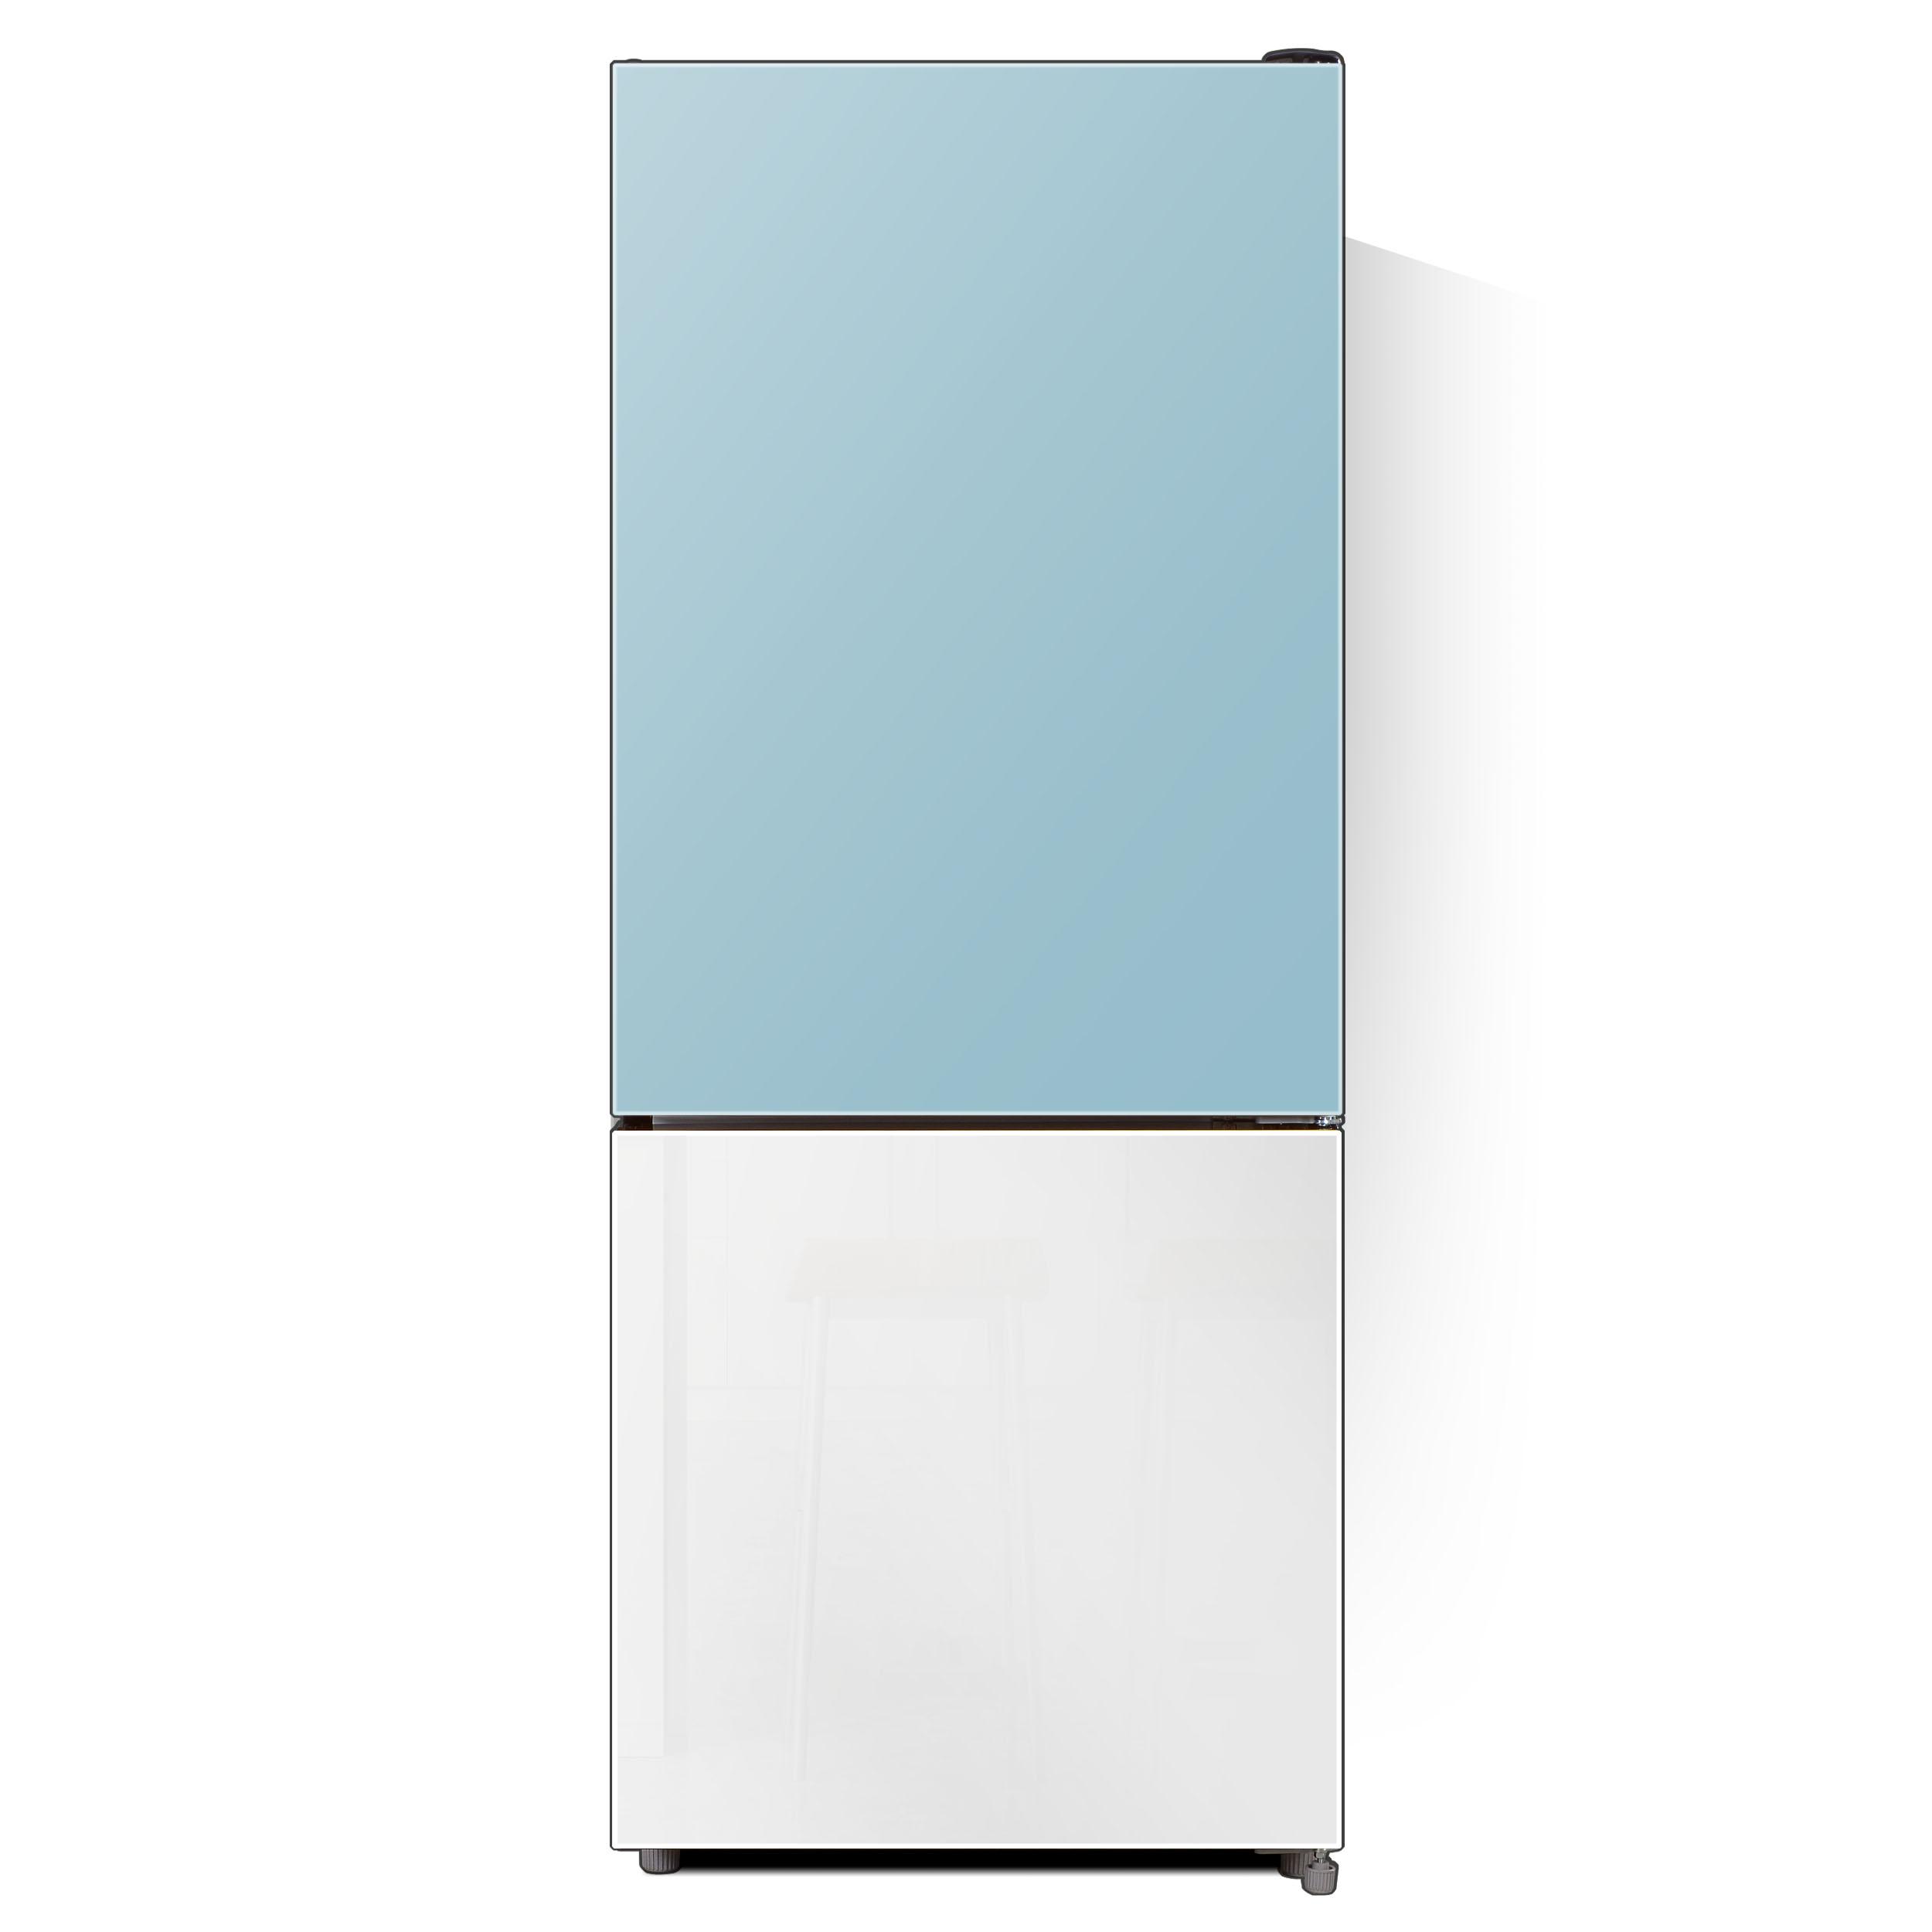 하이얼 글라스 도어 냉장고 스카이블루&화이트 172L 방문설치, HRP176MDMW-9-4500126581